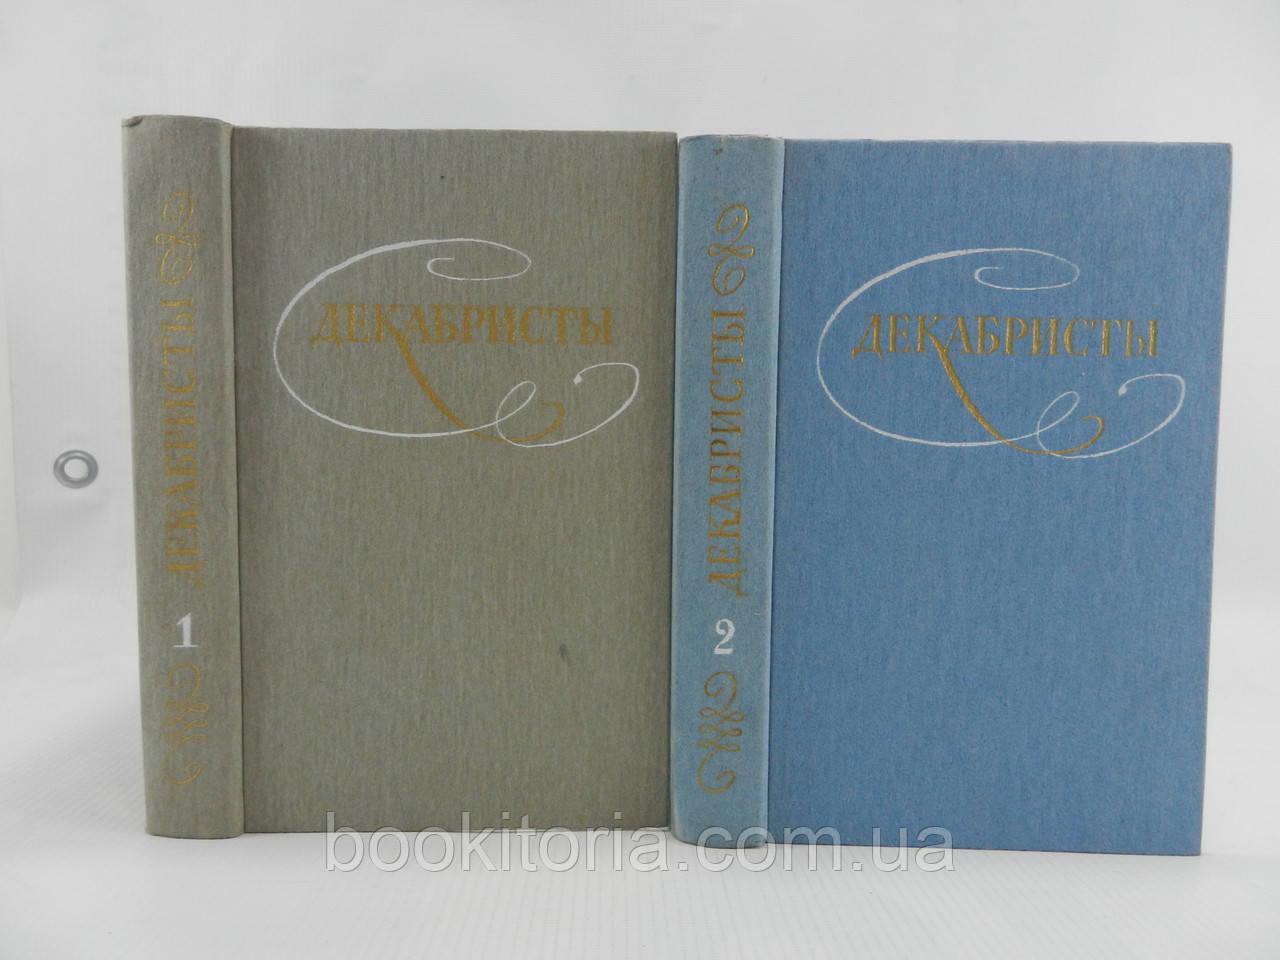 Декабристы. Избранные сочинения. В двух (2-х) томах (б/у).